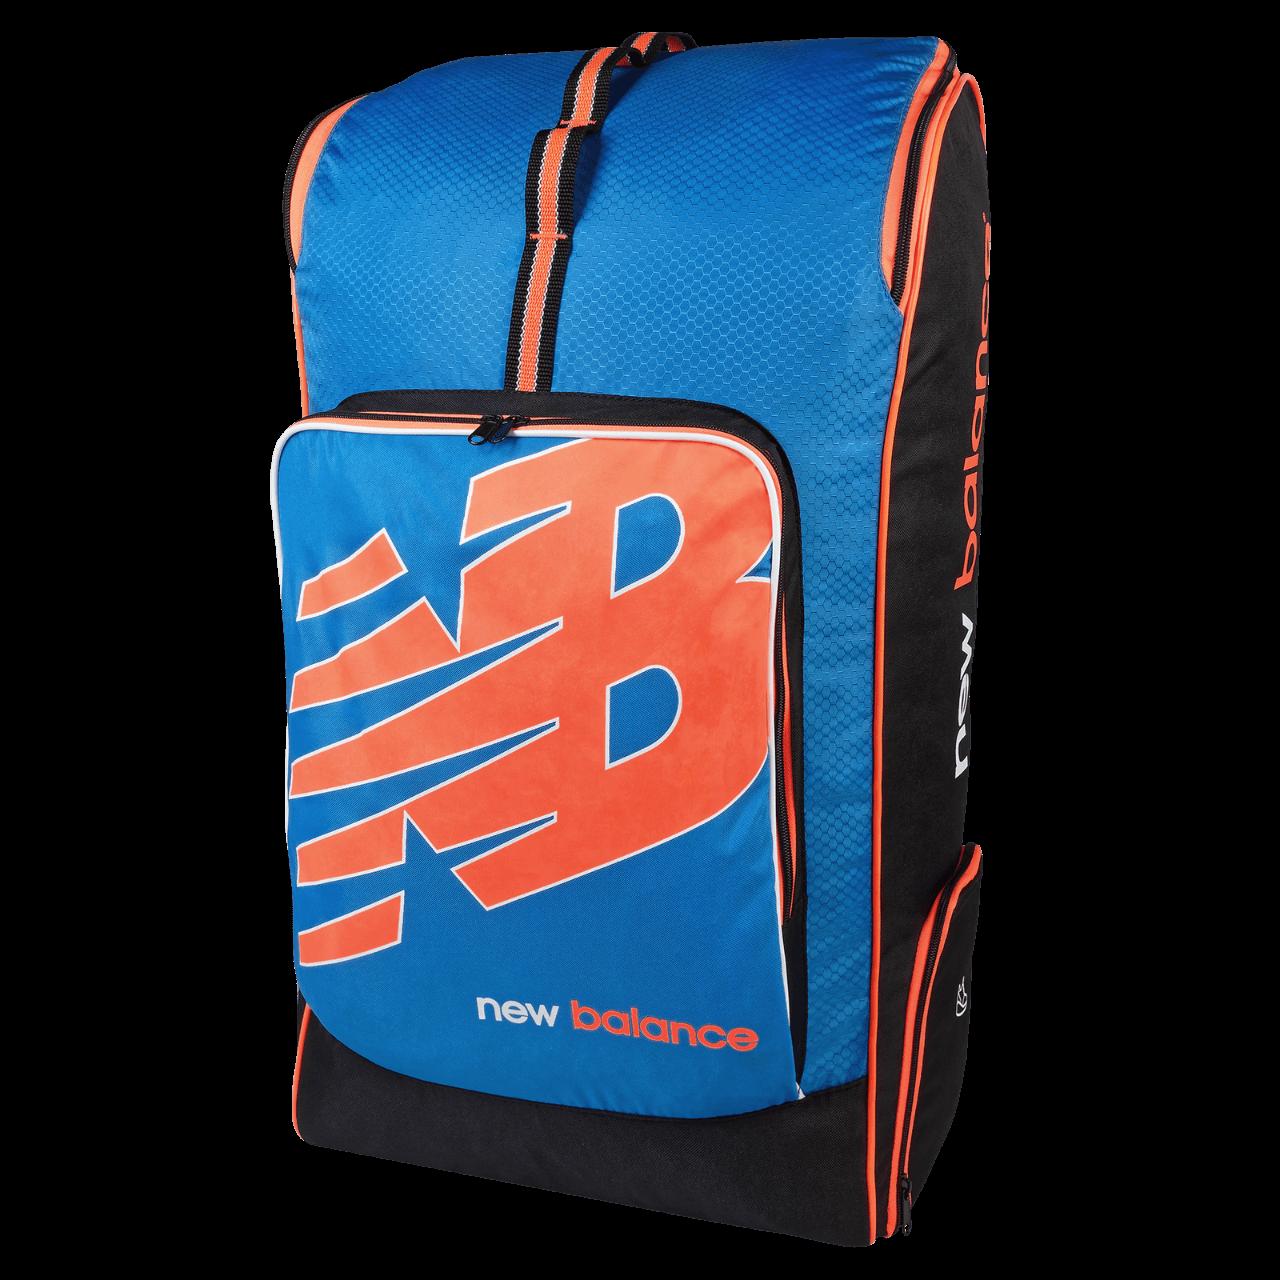 New Balance TC680 Cricket Backpack - ONE SIZE, BLUE